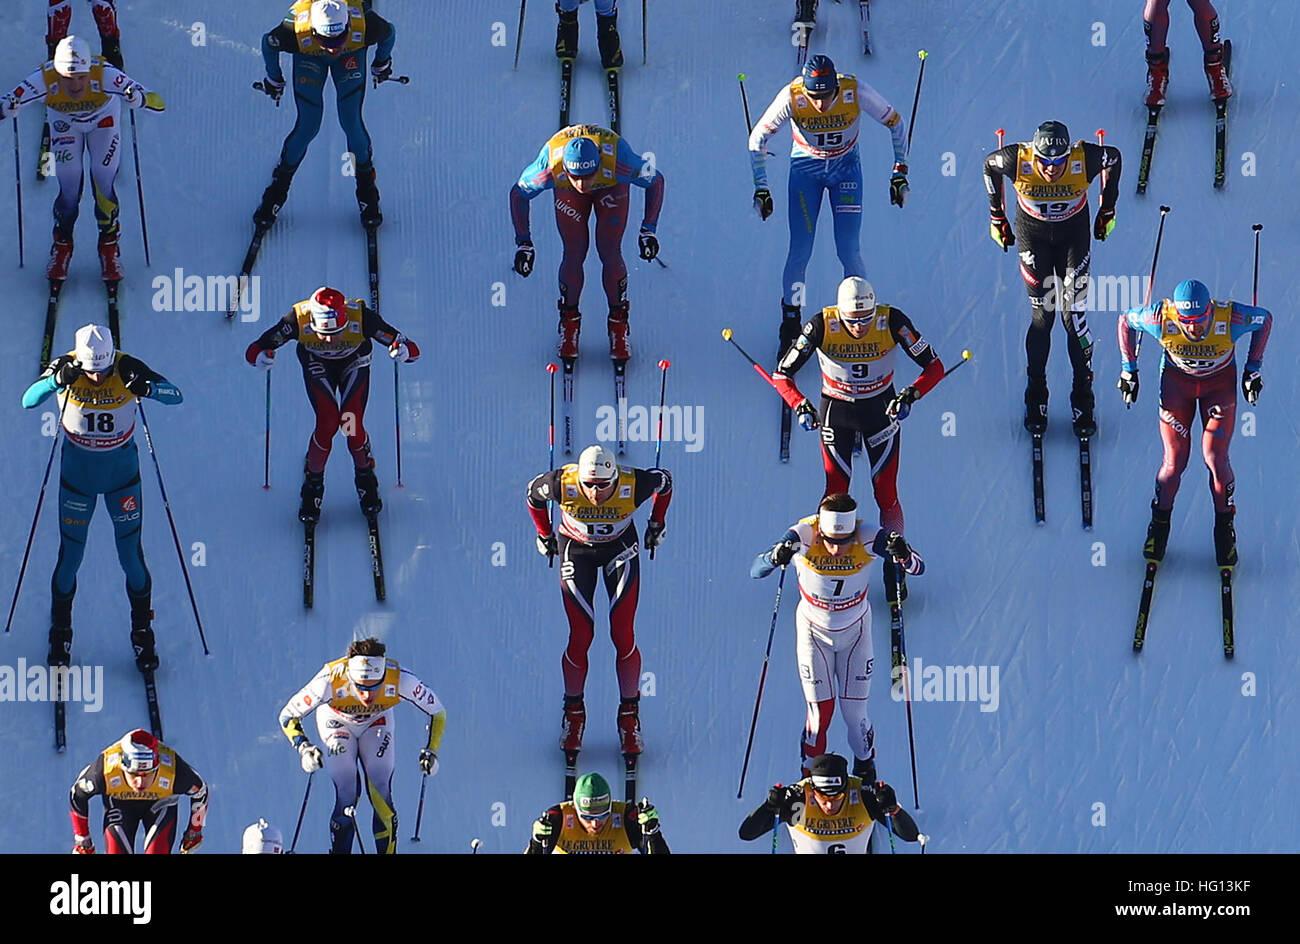 Oberstdorf, Alemania. 03Rd ene, 2017. Los esquiadores de fondo en acción durante el FSI Tour de Ski competencia Imagen De Stock